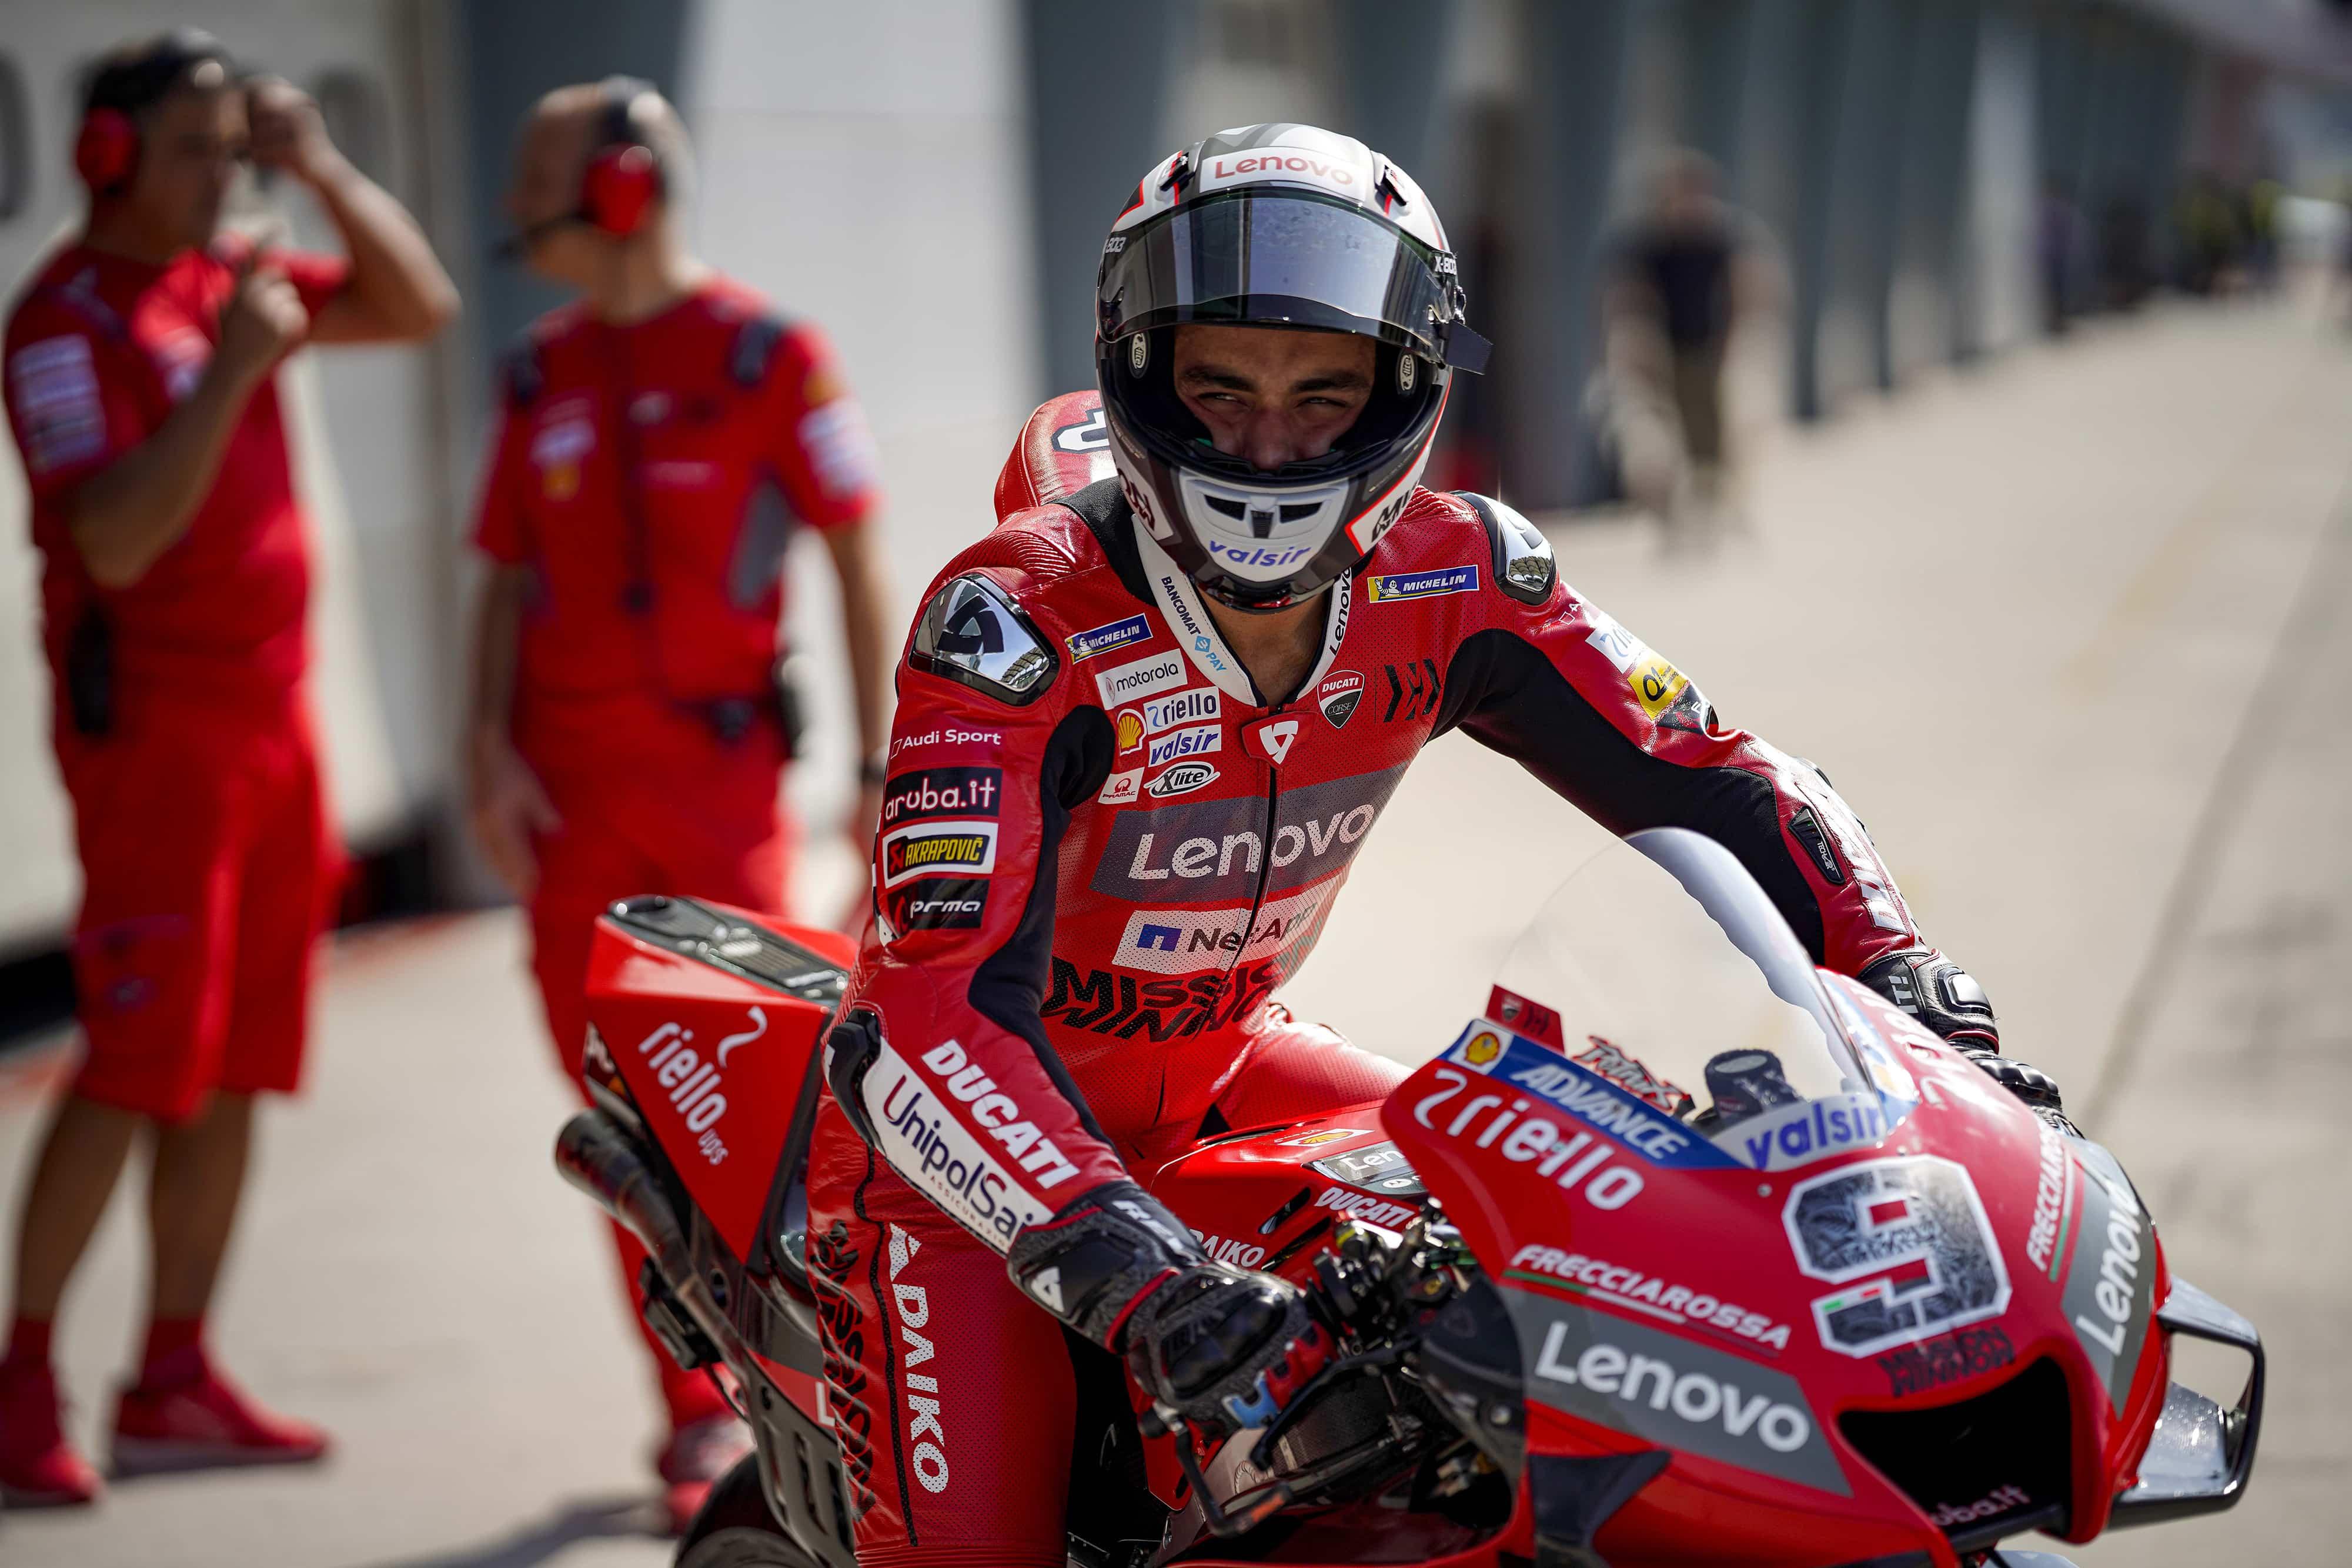 ダニーロ・ペトルッチ「MotoGPでまだまだやり残したことがある」